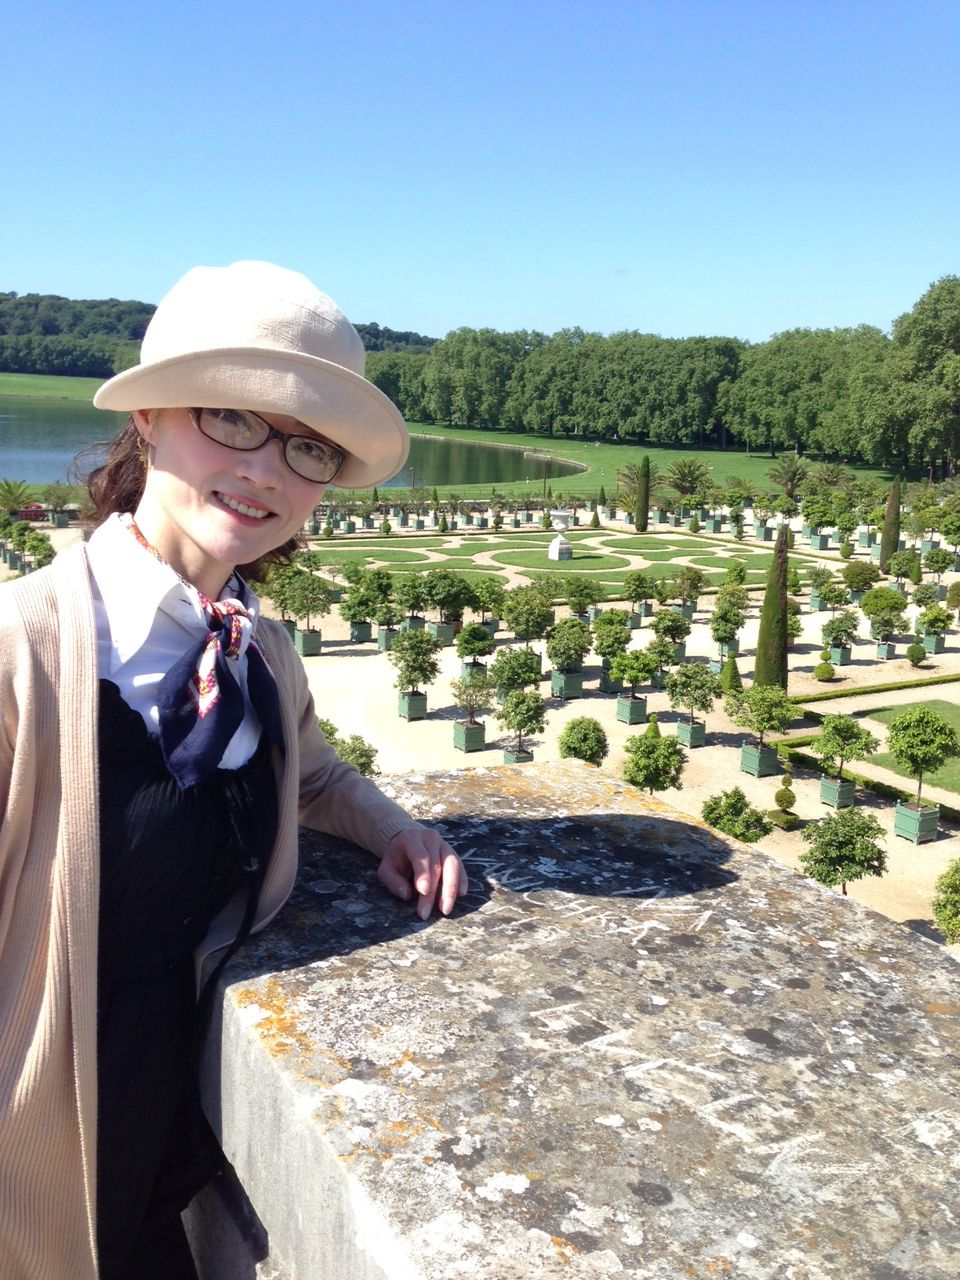 ヴェルサイユ宮殿の庭で